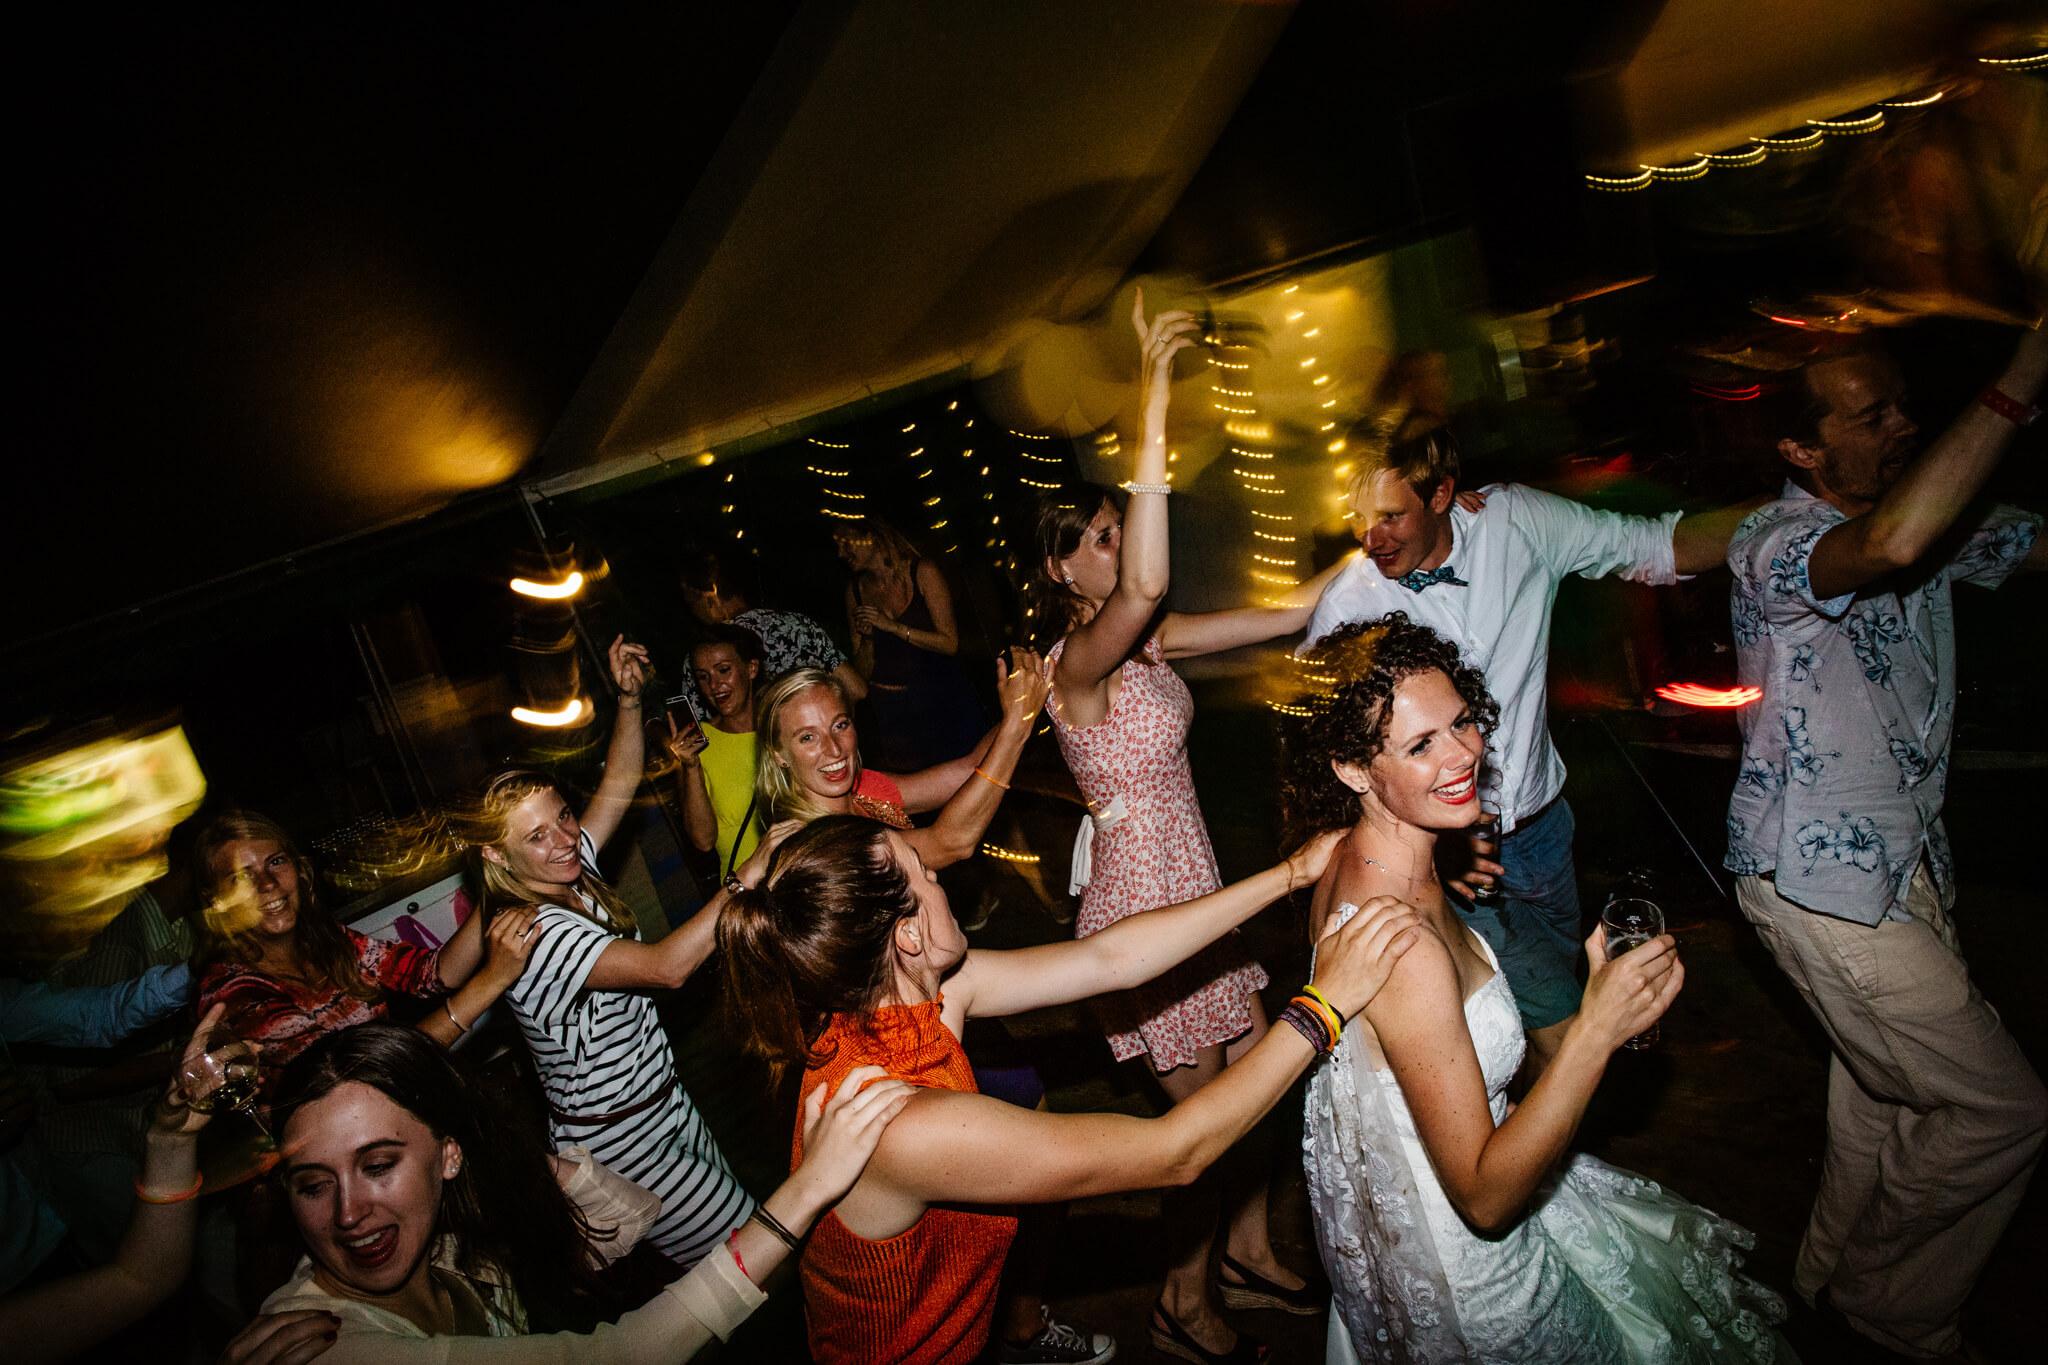 festivalbruiloft-bruidsfotograaf-utrecht-44.jpg